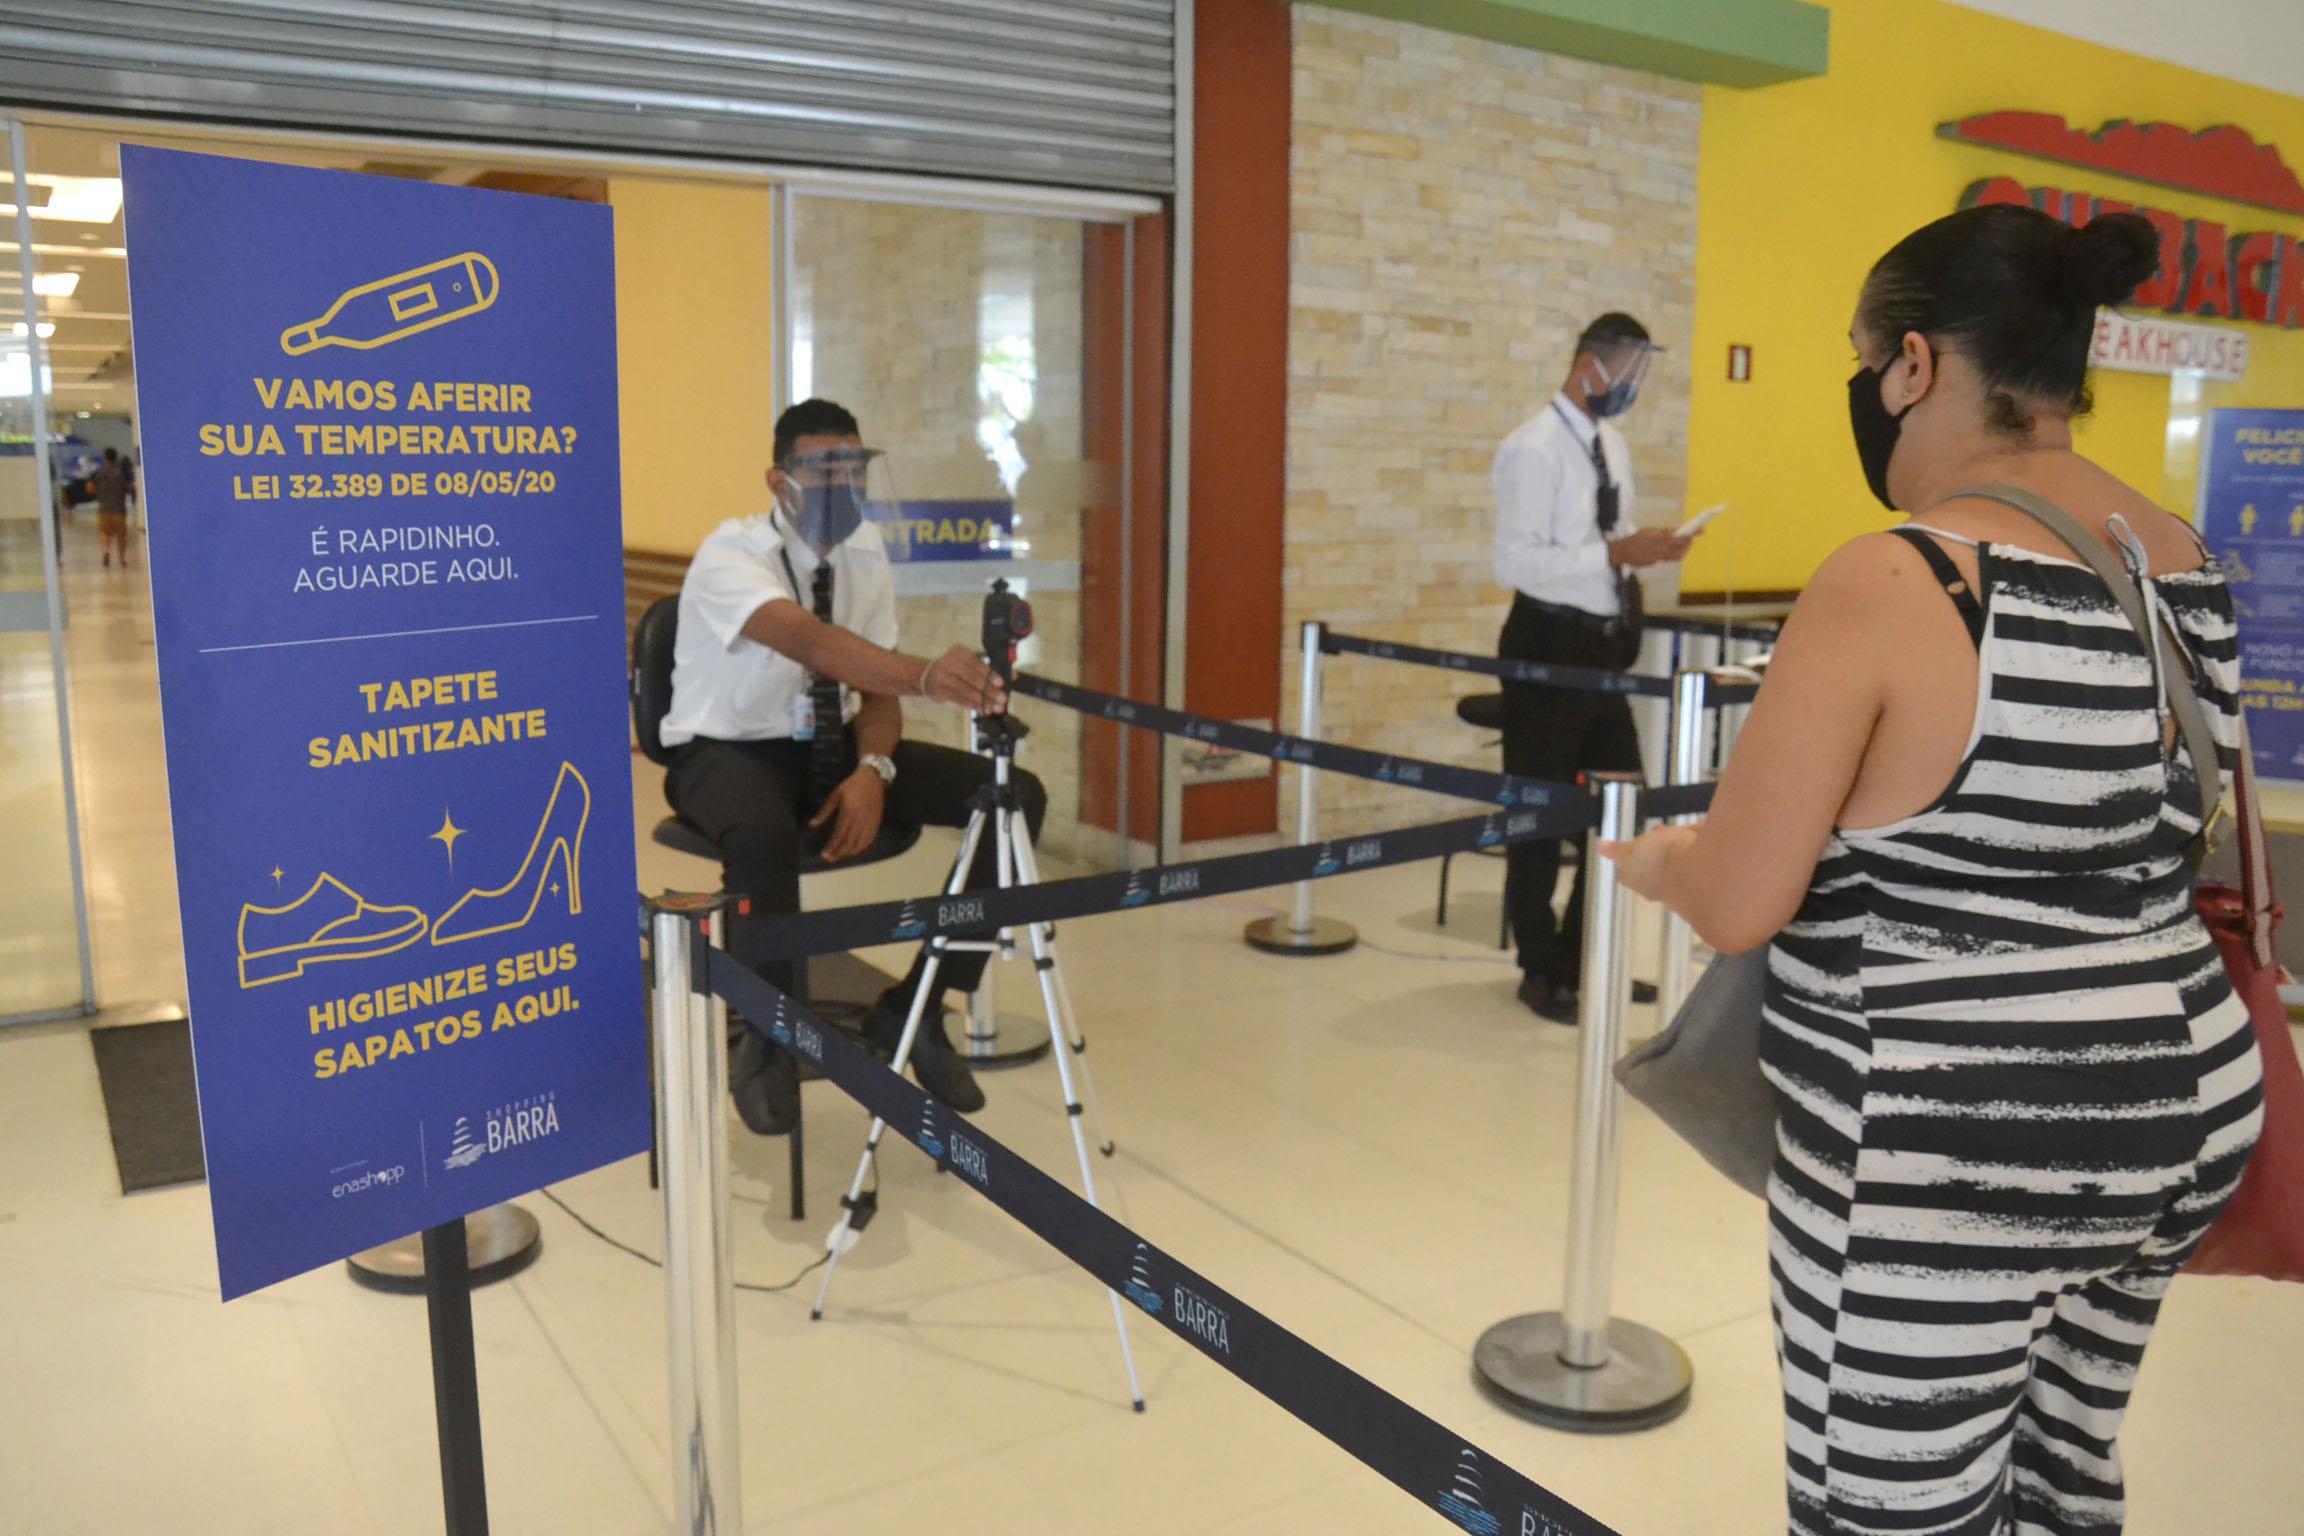 Preparativos para reabertura de shopping em Salvador